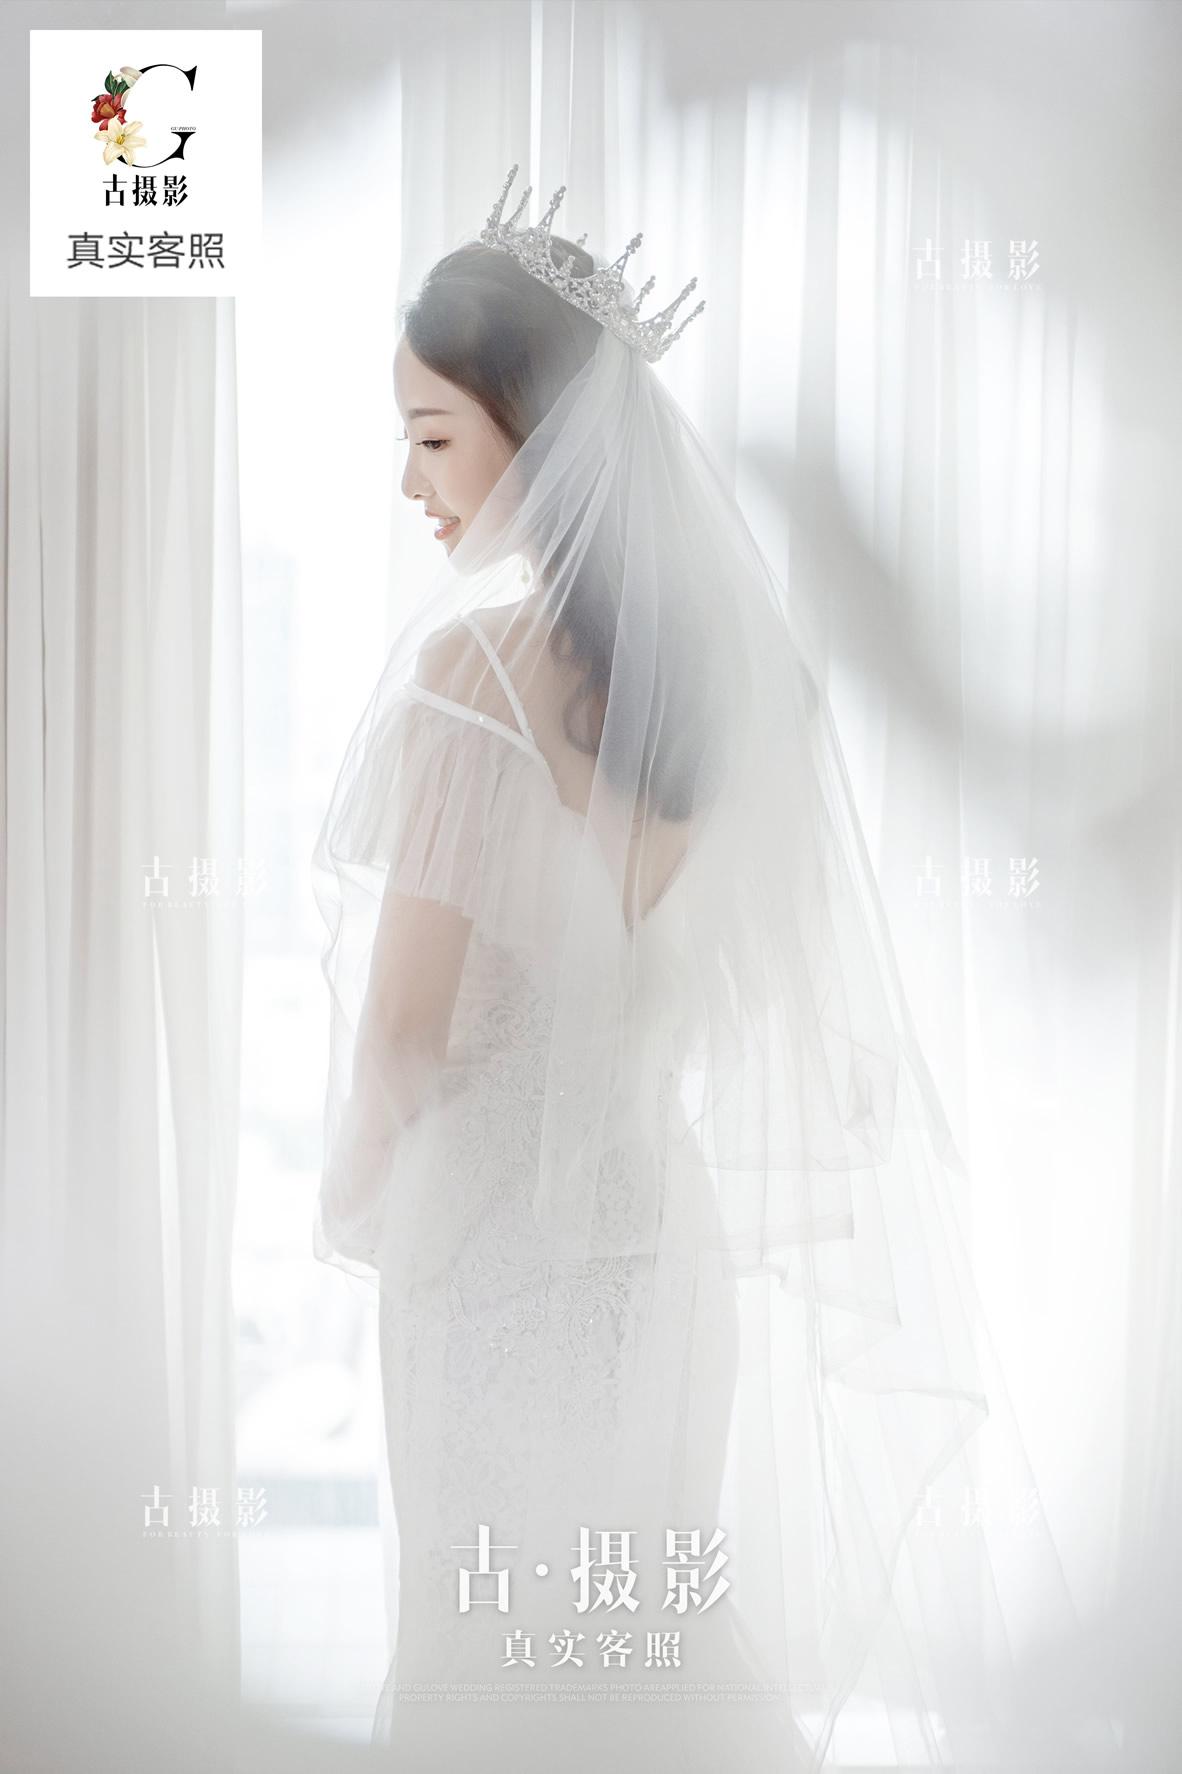 10月16日客片陈先生 童小姐 - 每日客照 - 古摄影婚纱艺术-古摄影成都婚纱摄影艺术摄影网